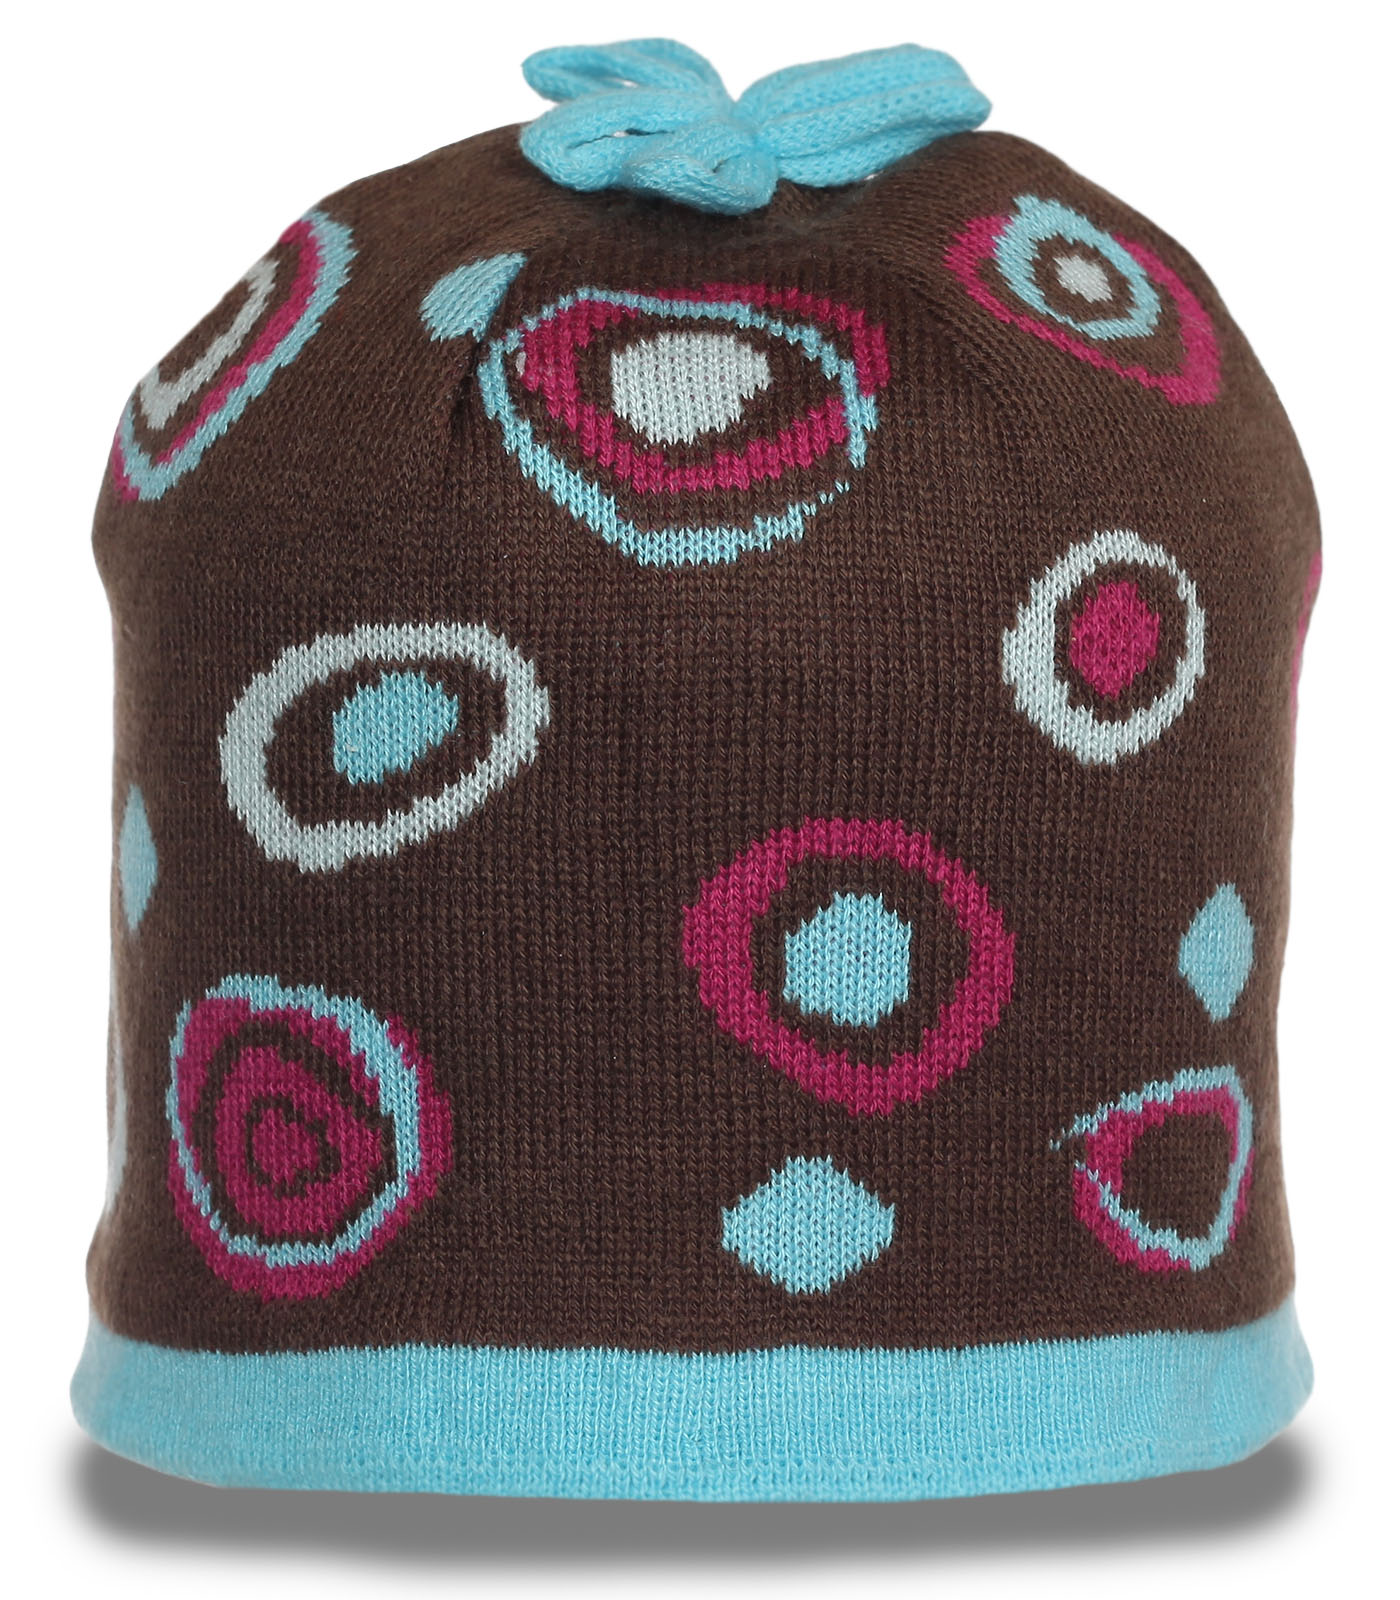 Яркая шапка для модных девушек. Модель на флисе. Заказывай и будь самой классной и стильной!